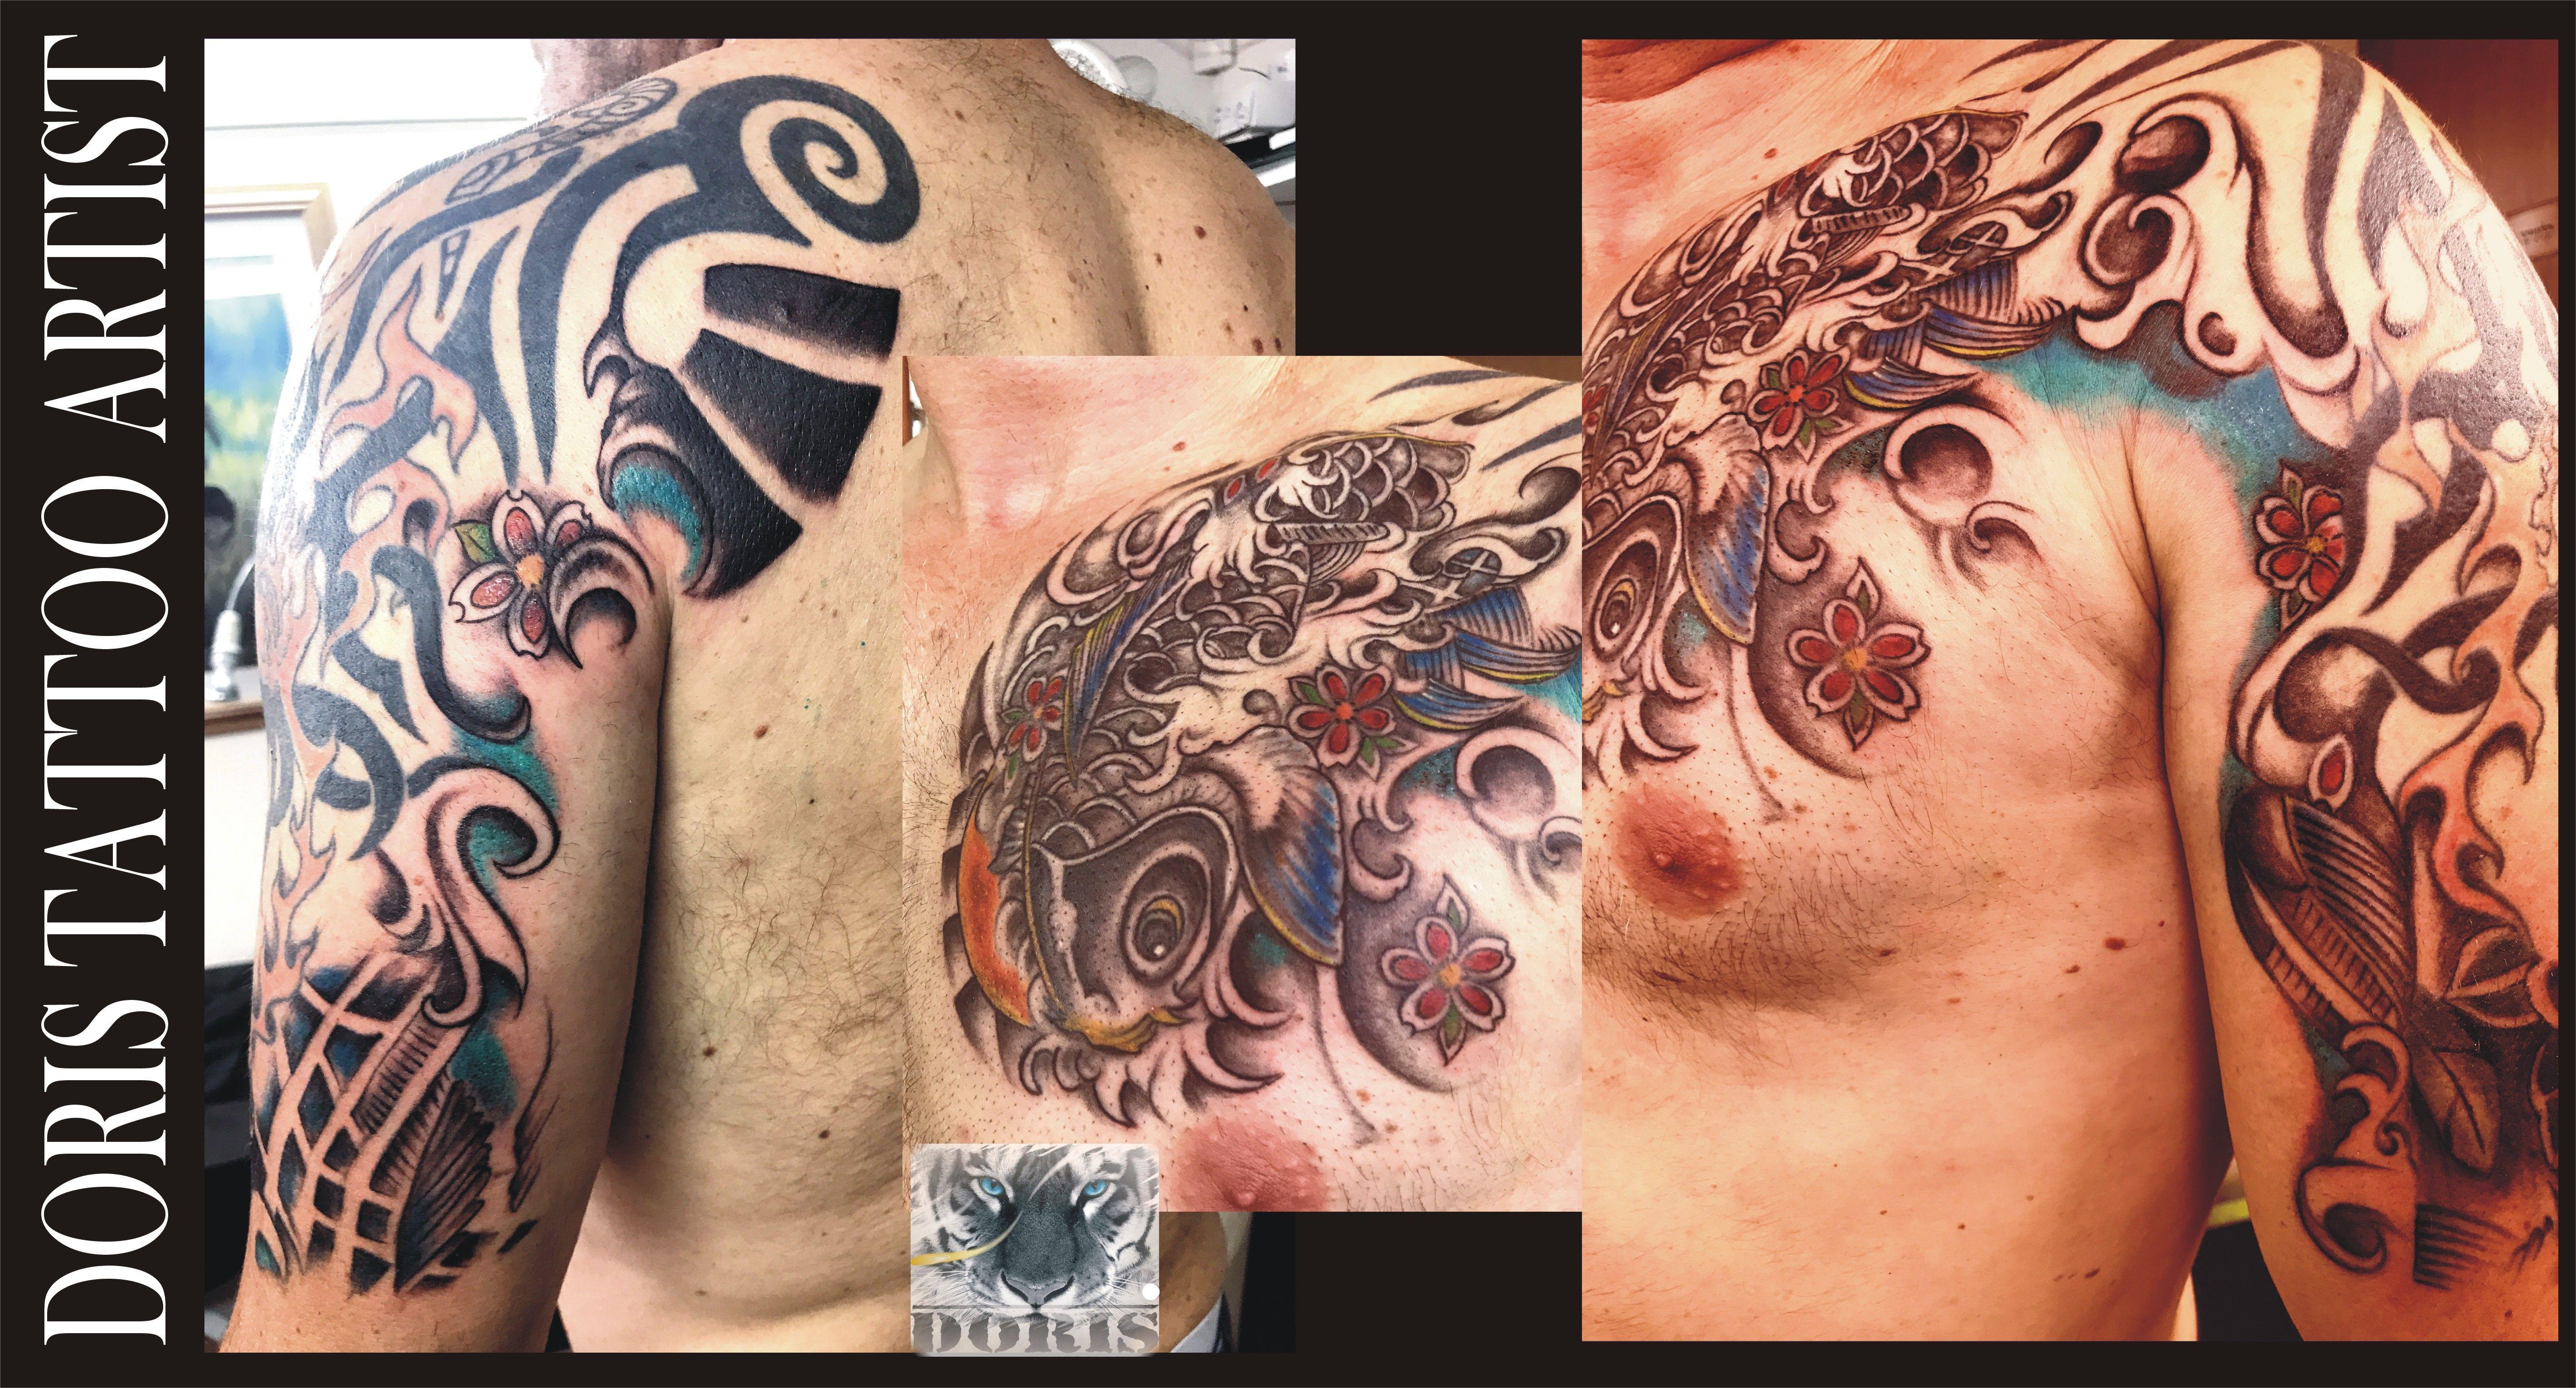 Mike S Koi Sleeve Chest Panel Unfinished Big Jpg 2400 3200: Sleeve Tattoos, Half Sleeve